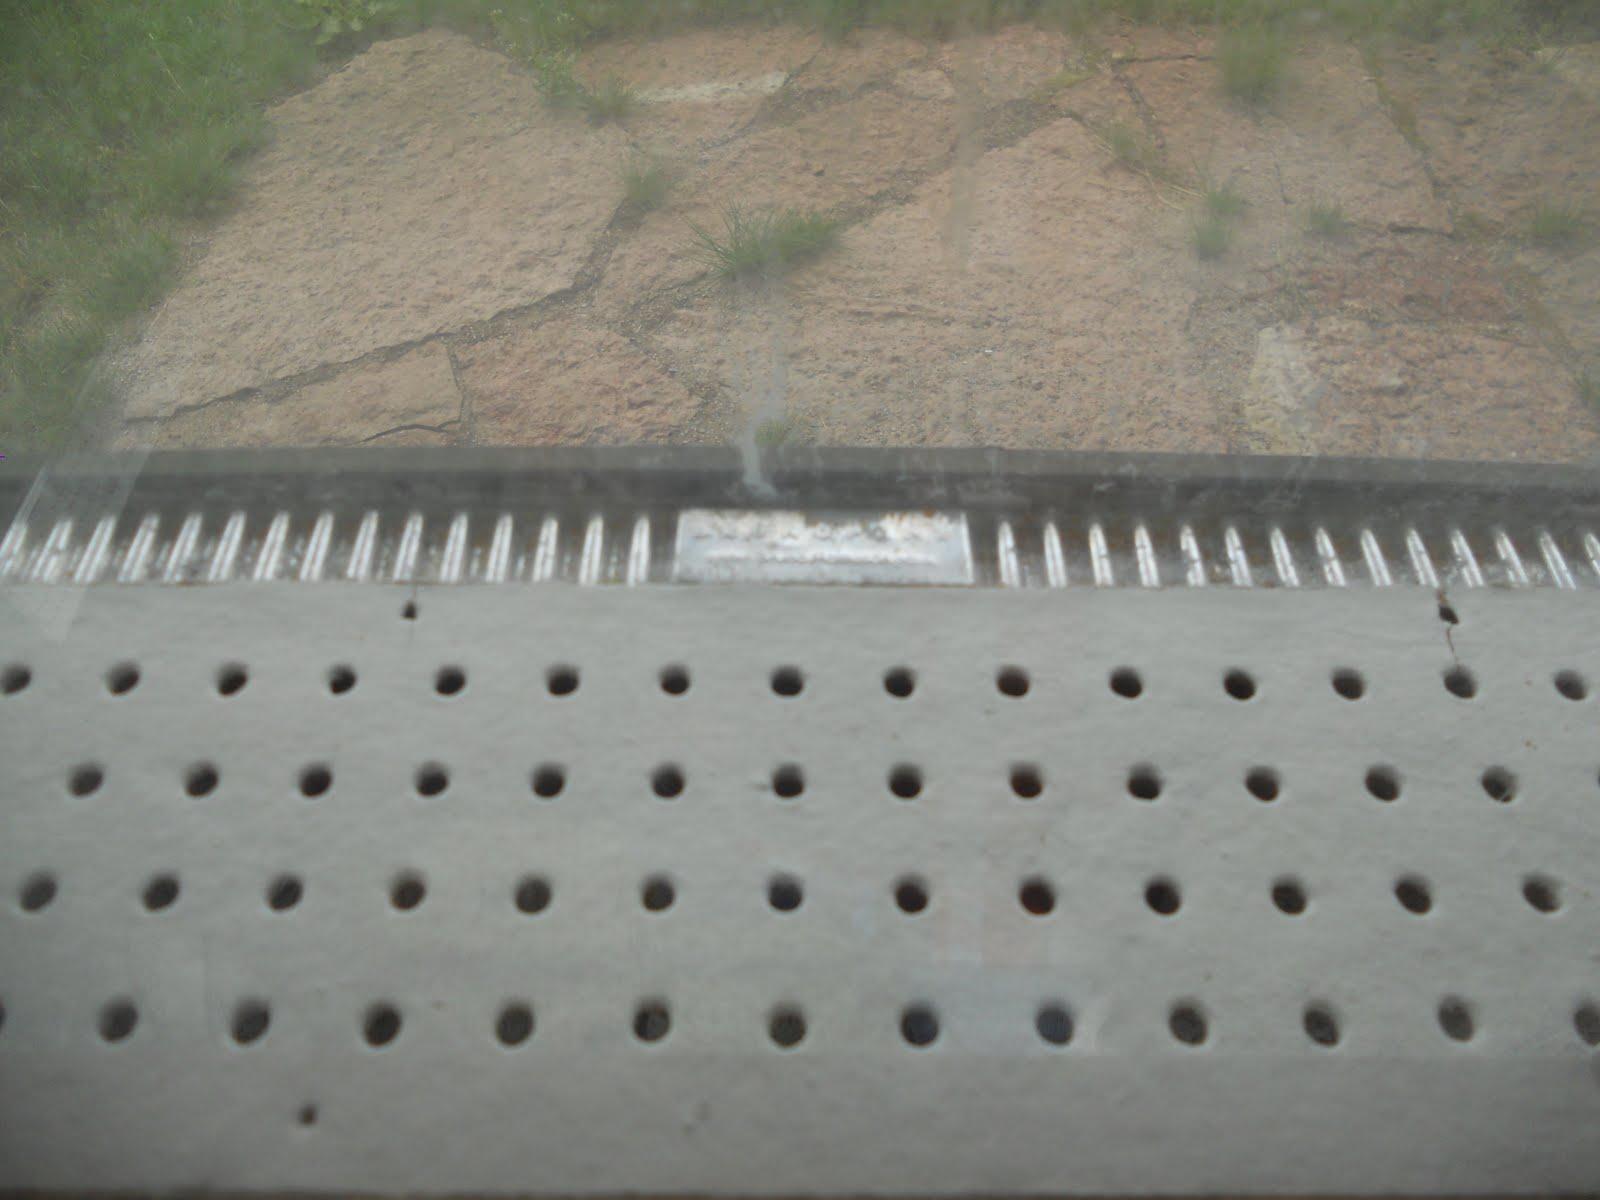 Ullevidsdal: bruno mathssons glashuslänga i kosta